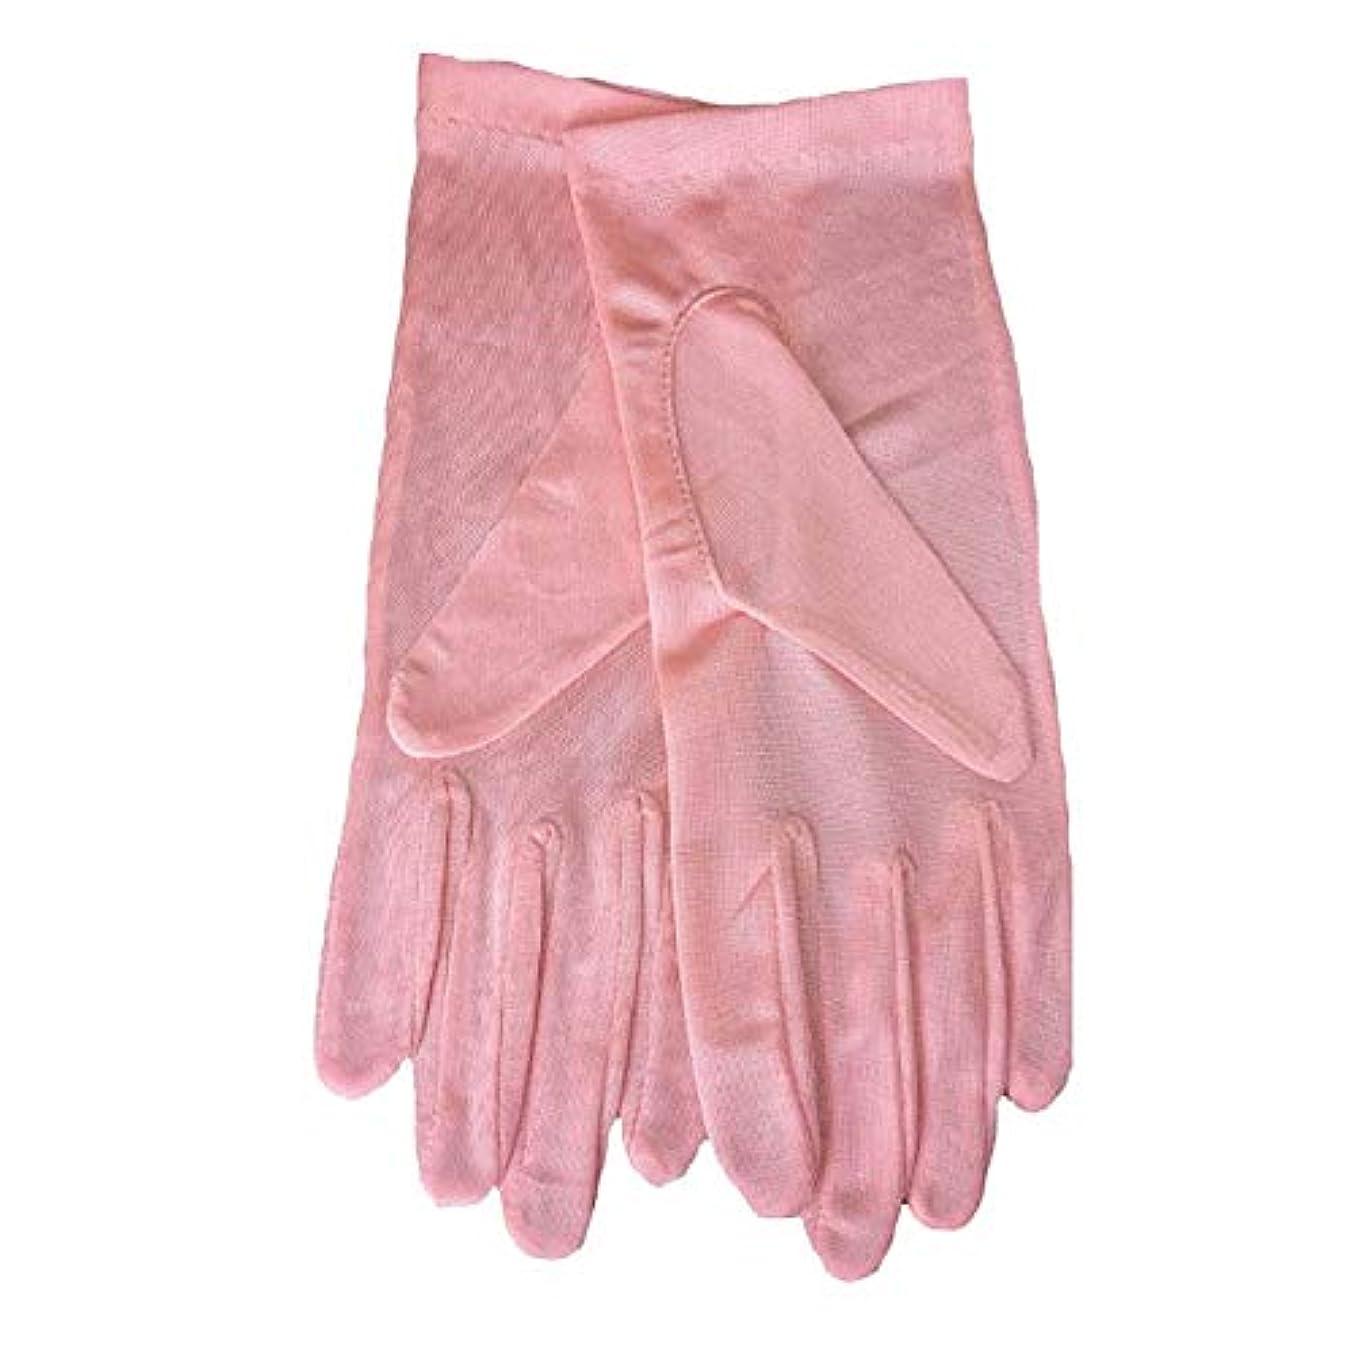 このコンソール凝視夜用 おやすみ用 シルク手袋 手荒れ 対策 レディース保湿 ハンドケア 絹手袋手袋